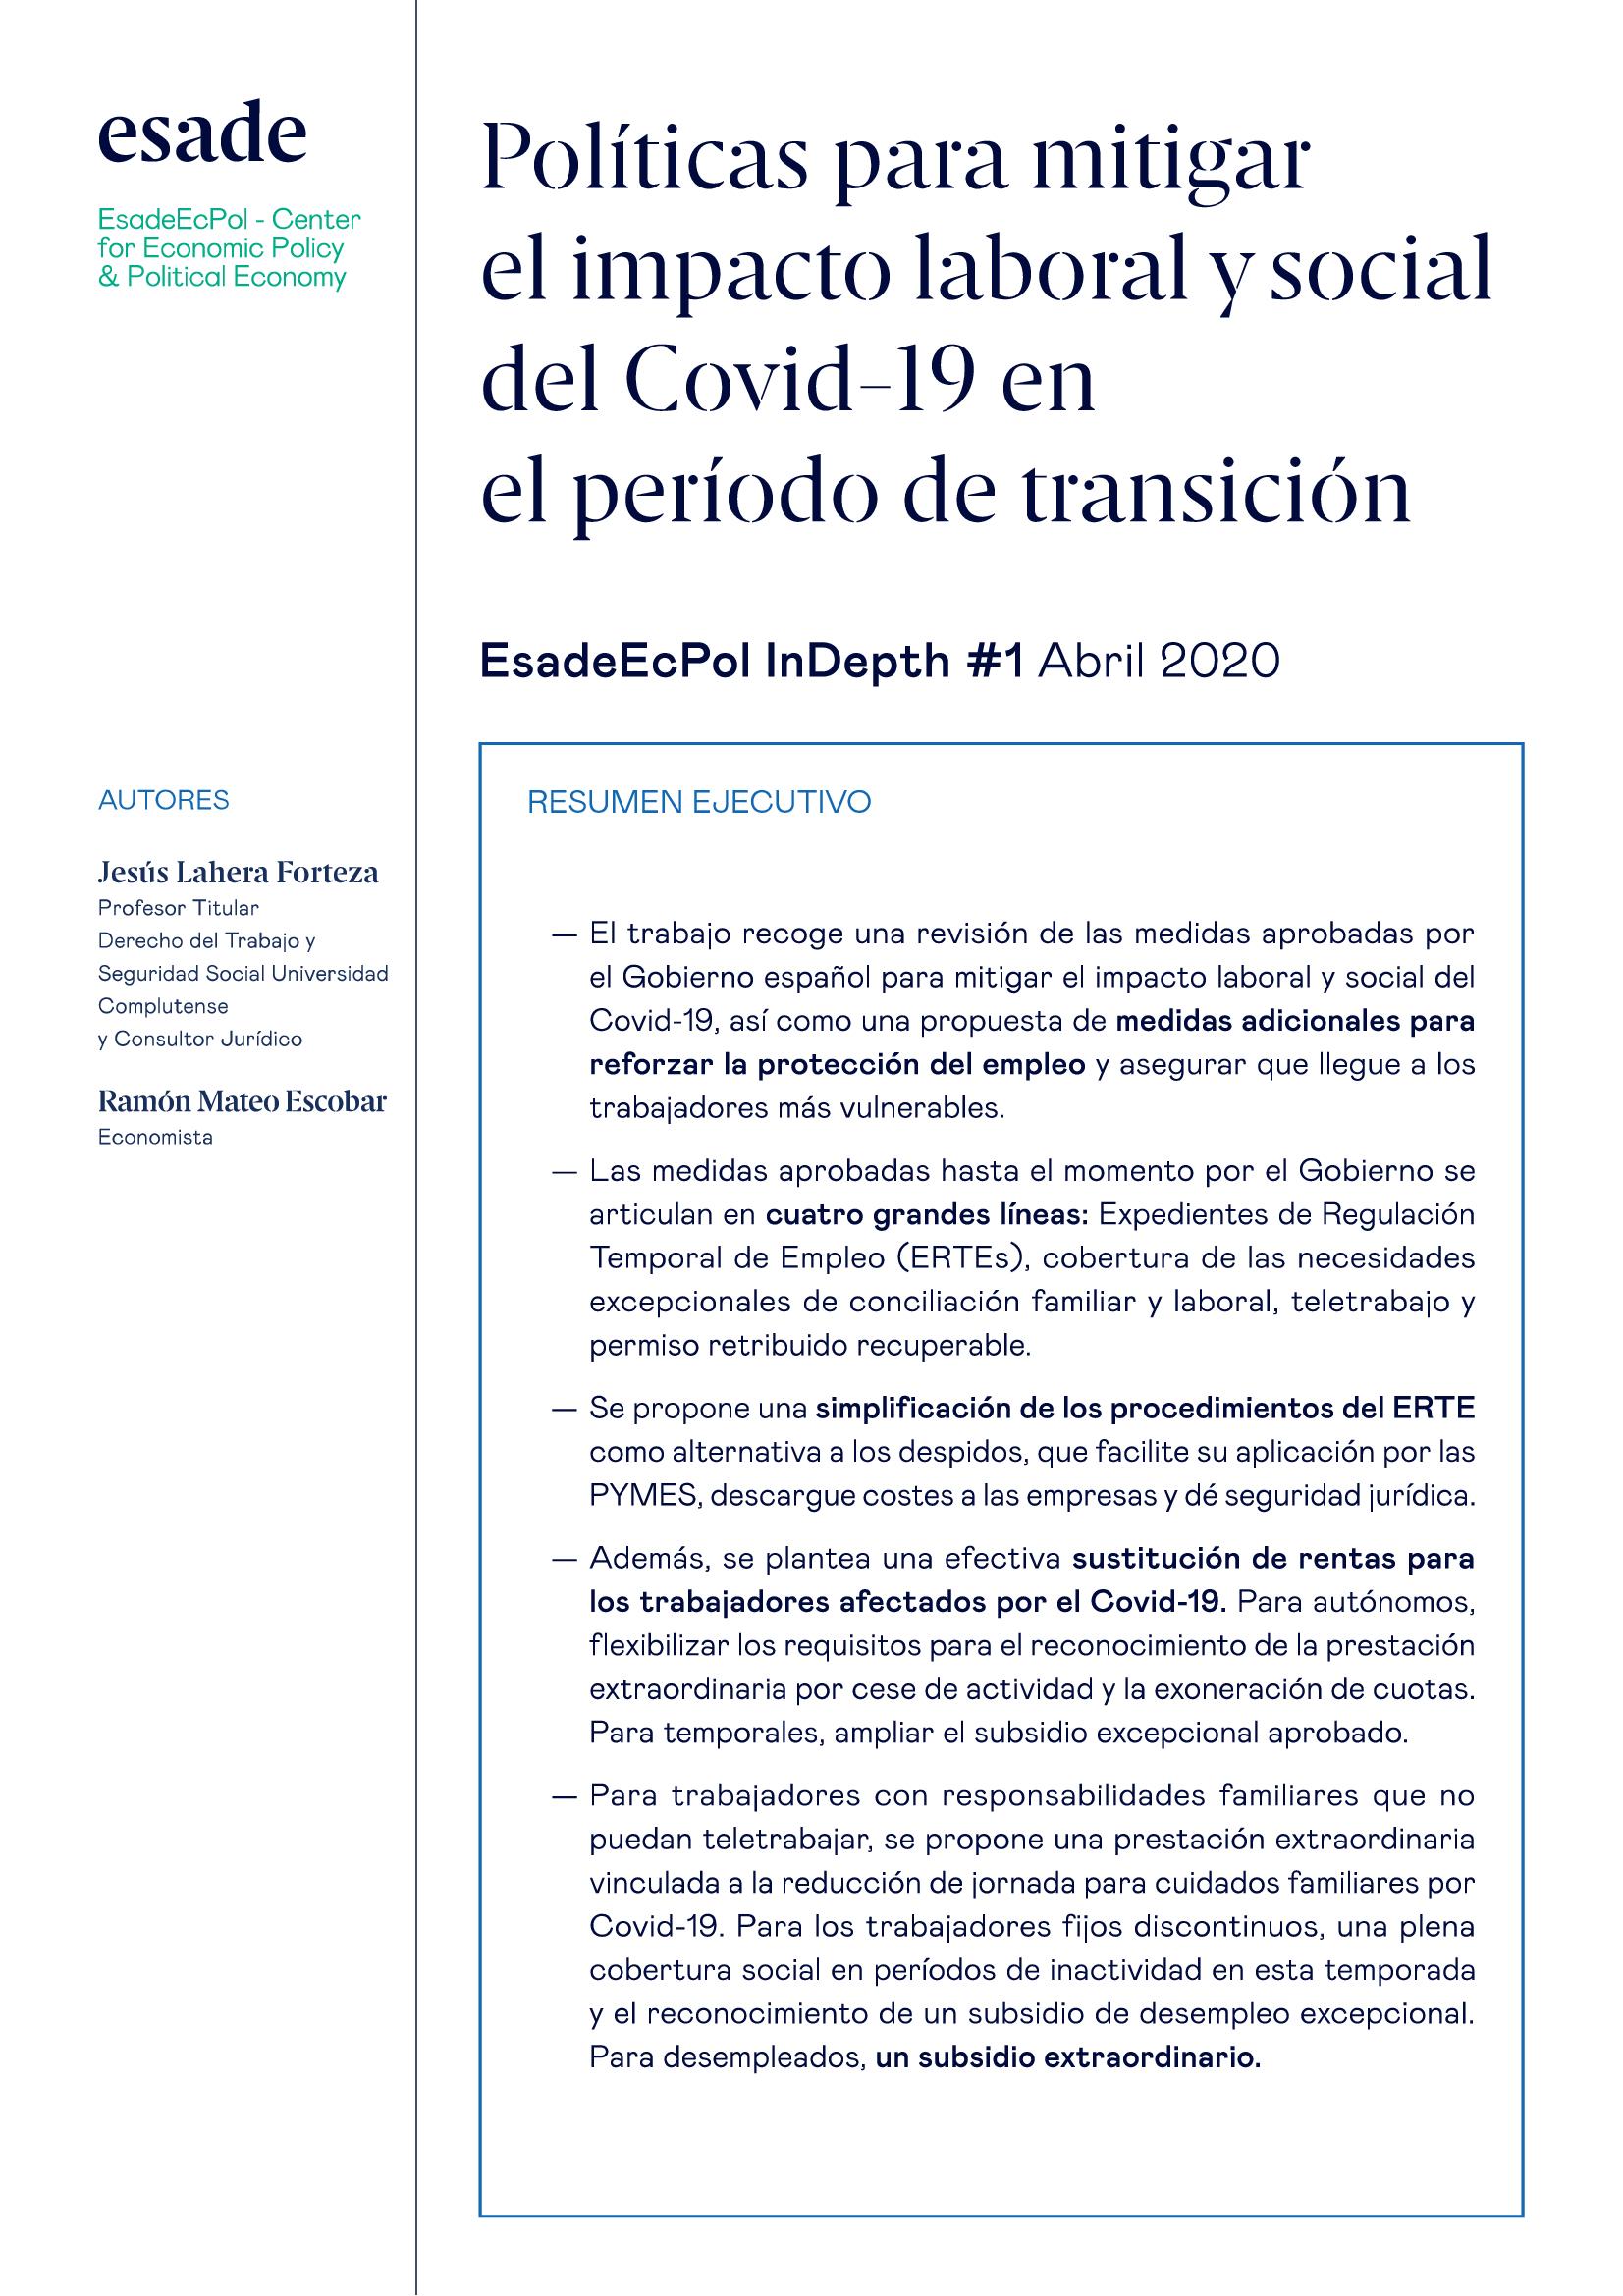 Políticas para Mitigar el Impacto Laboral y Social del Covid-19 en el Período de Transición